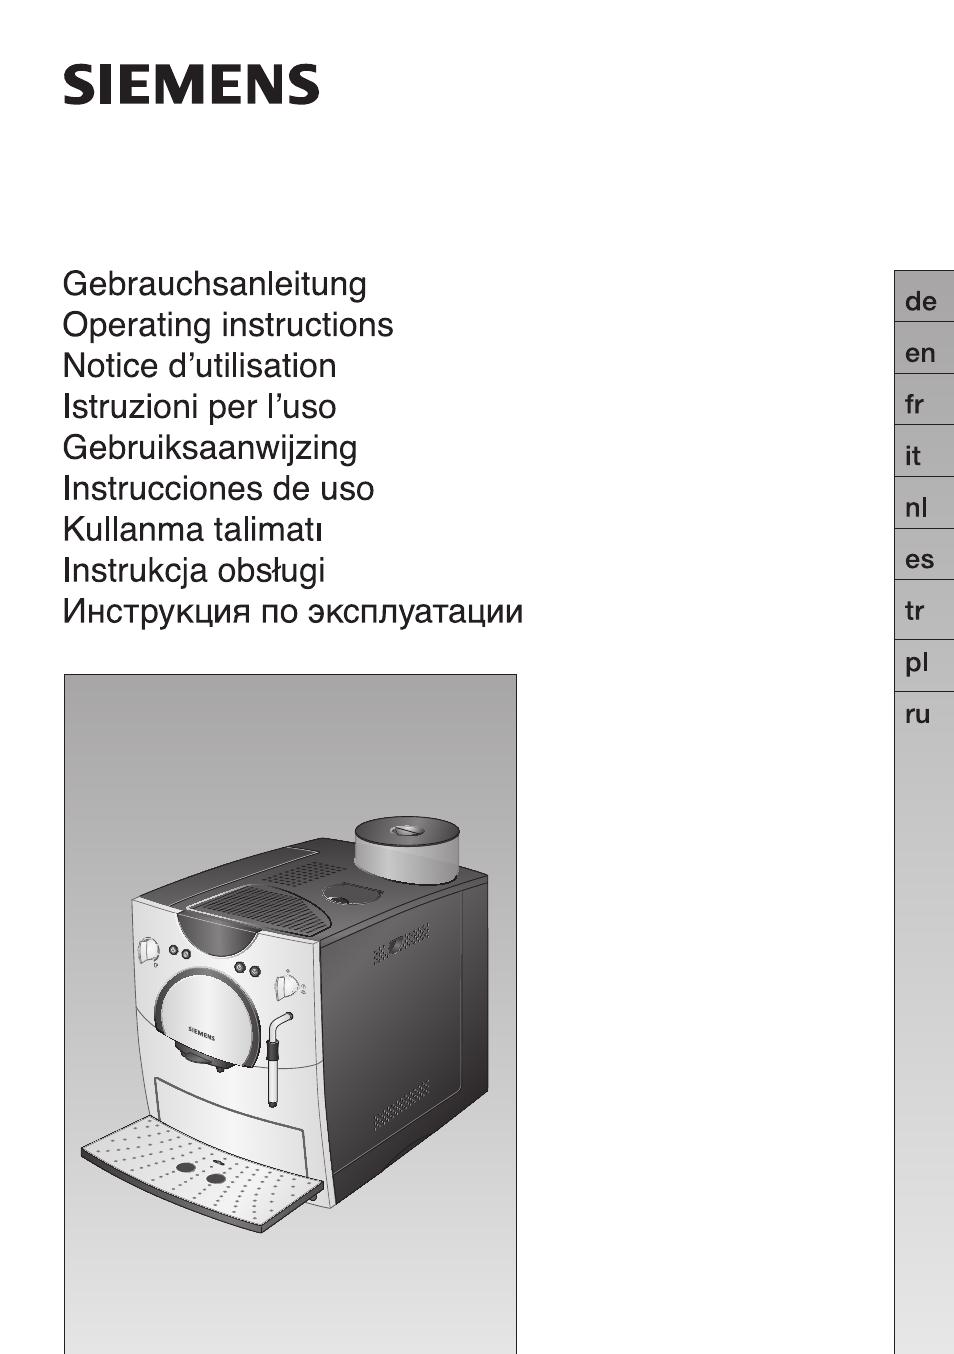 Siemens TK 69 SERIES